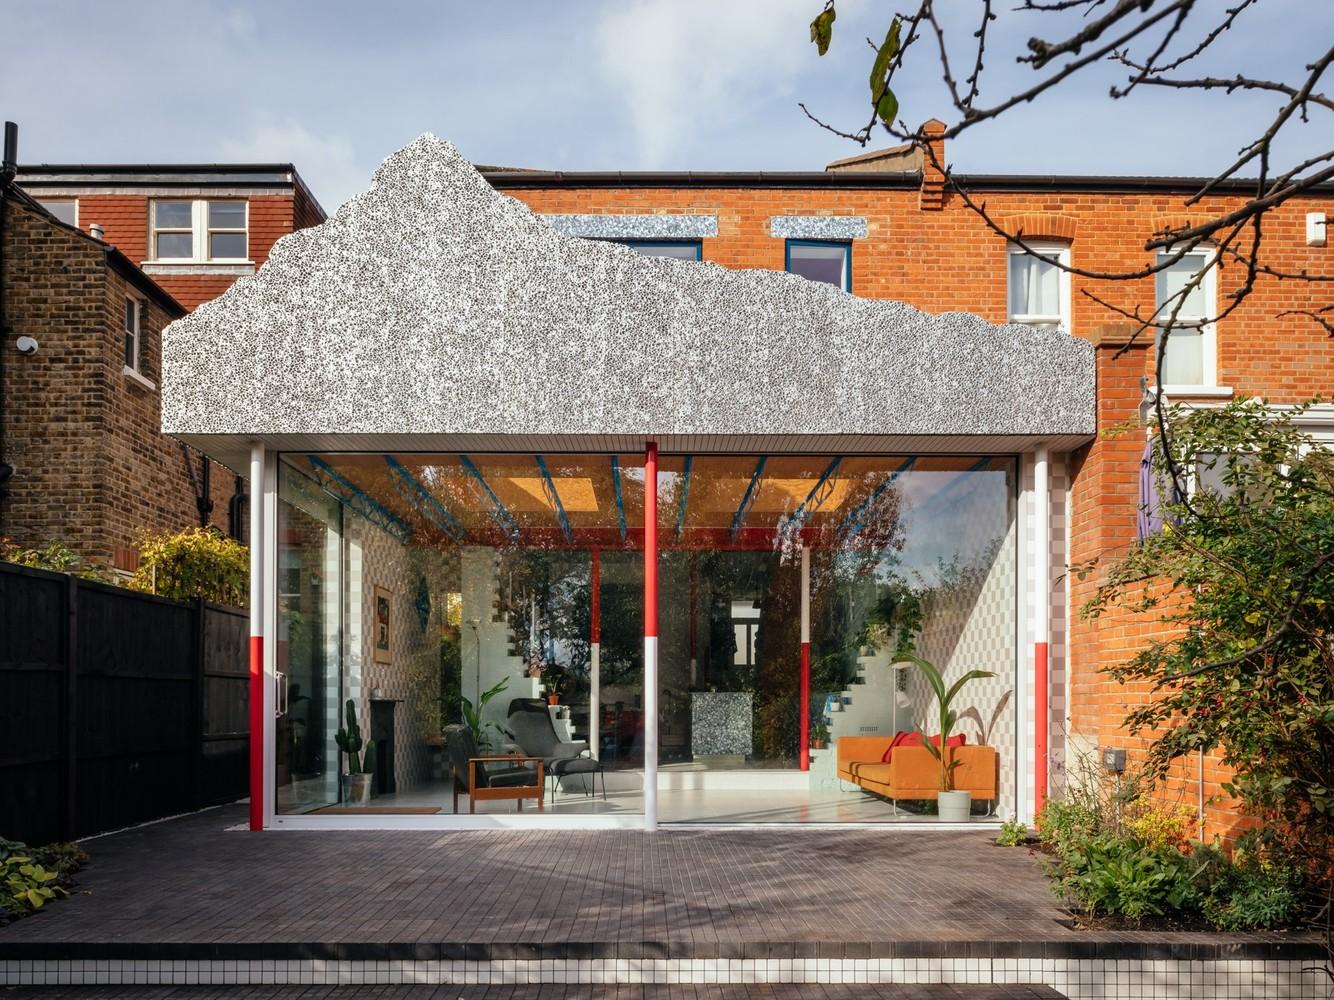 Các xu hướng kiến trúc mới mẻ và nổi bật trên thế giới - Ảnh 1.